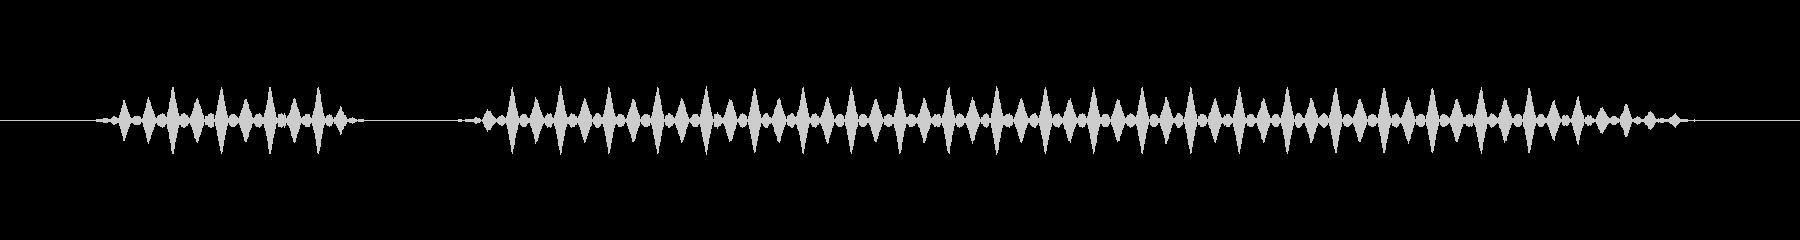 ブブー(低)【不正解、エラー】の未再生の波形